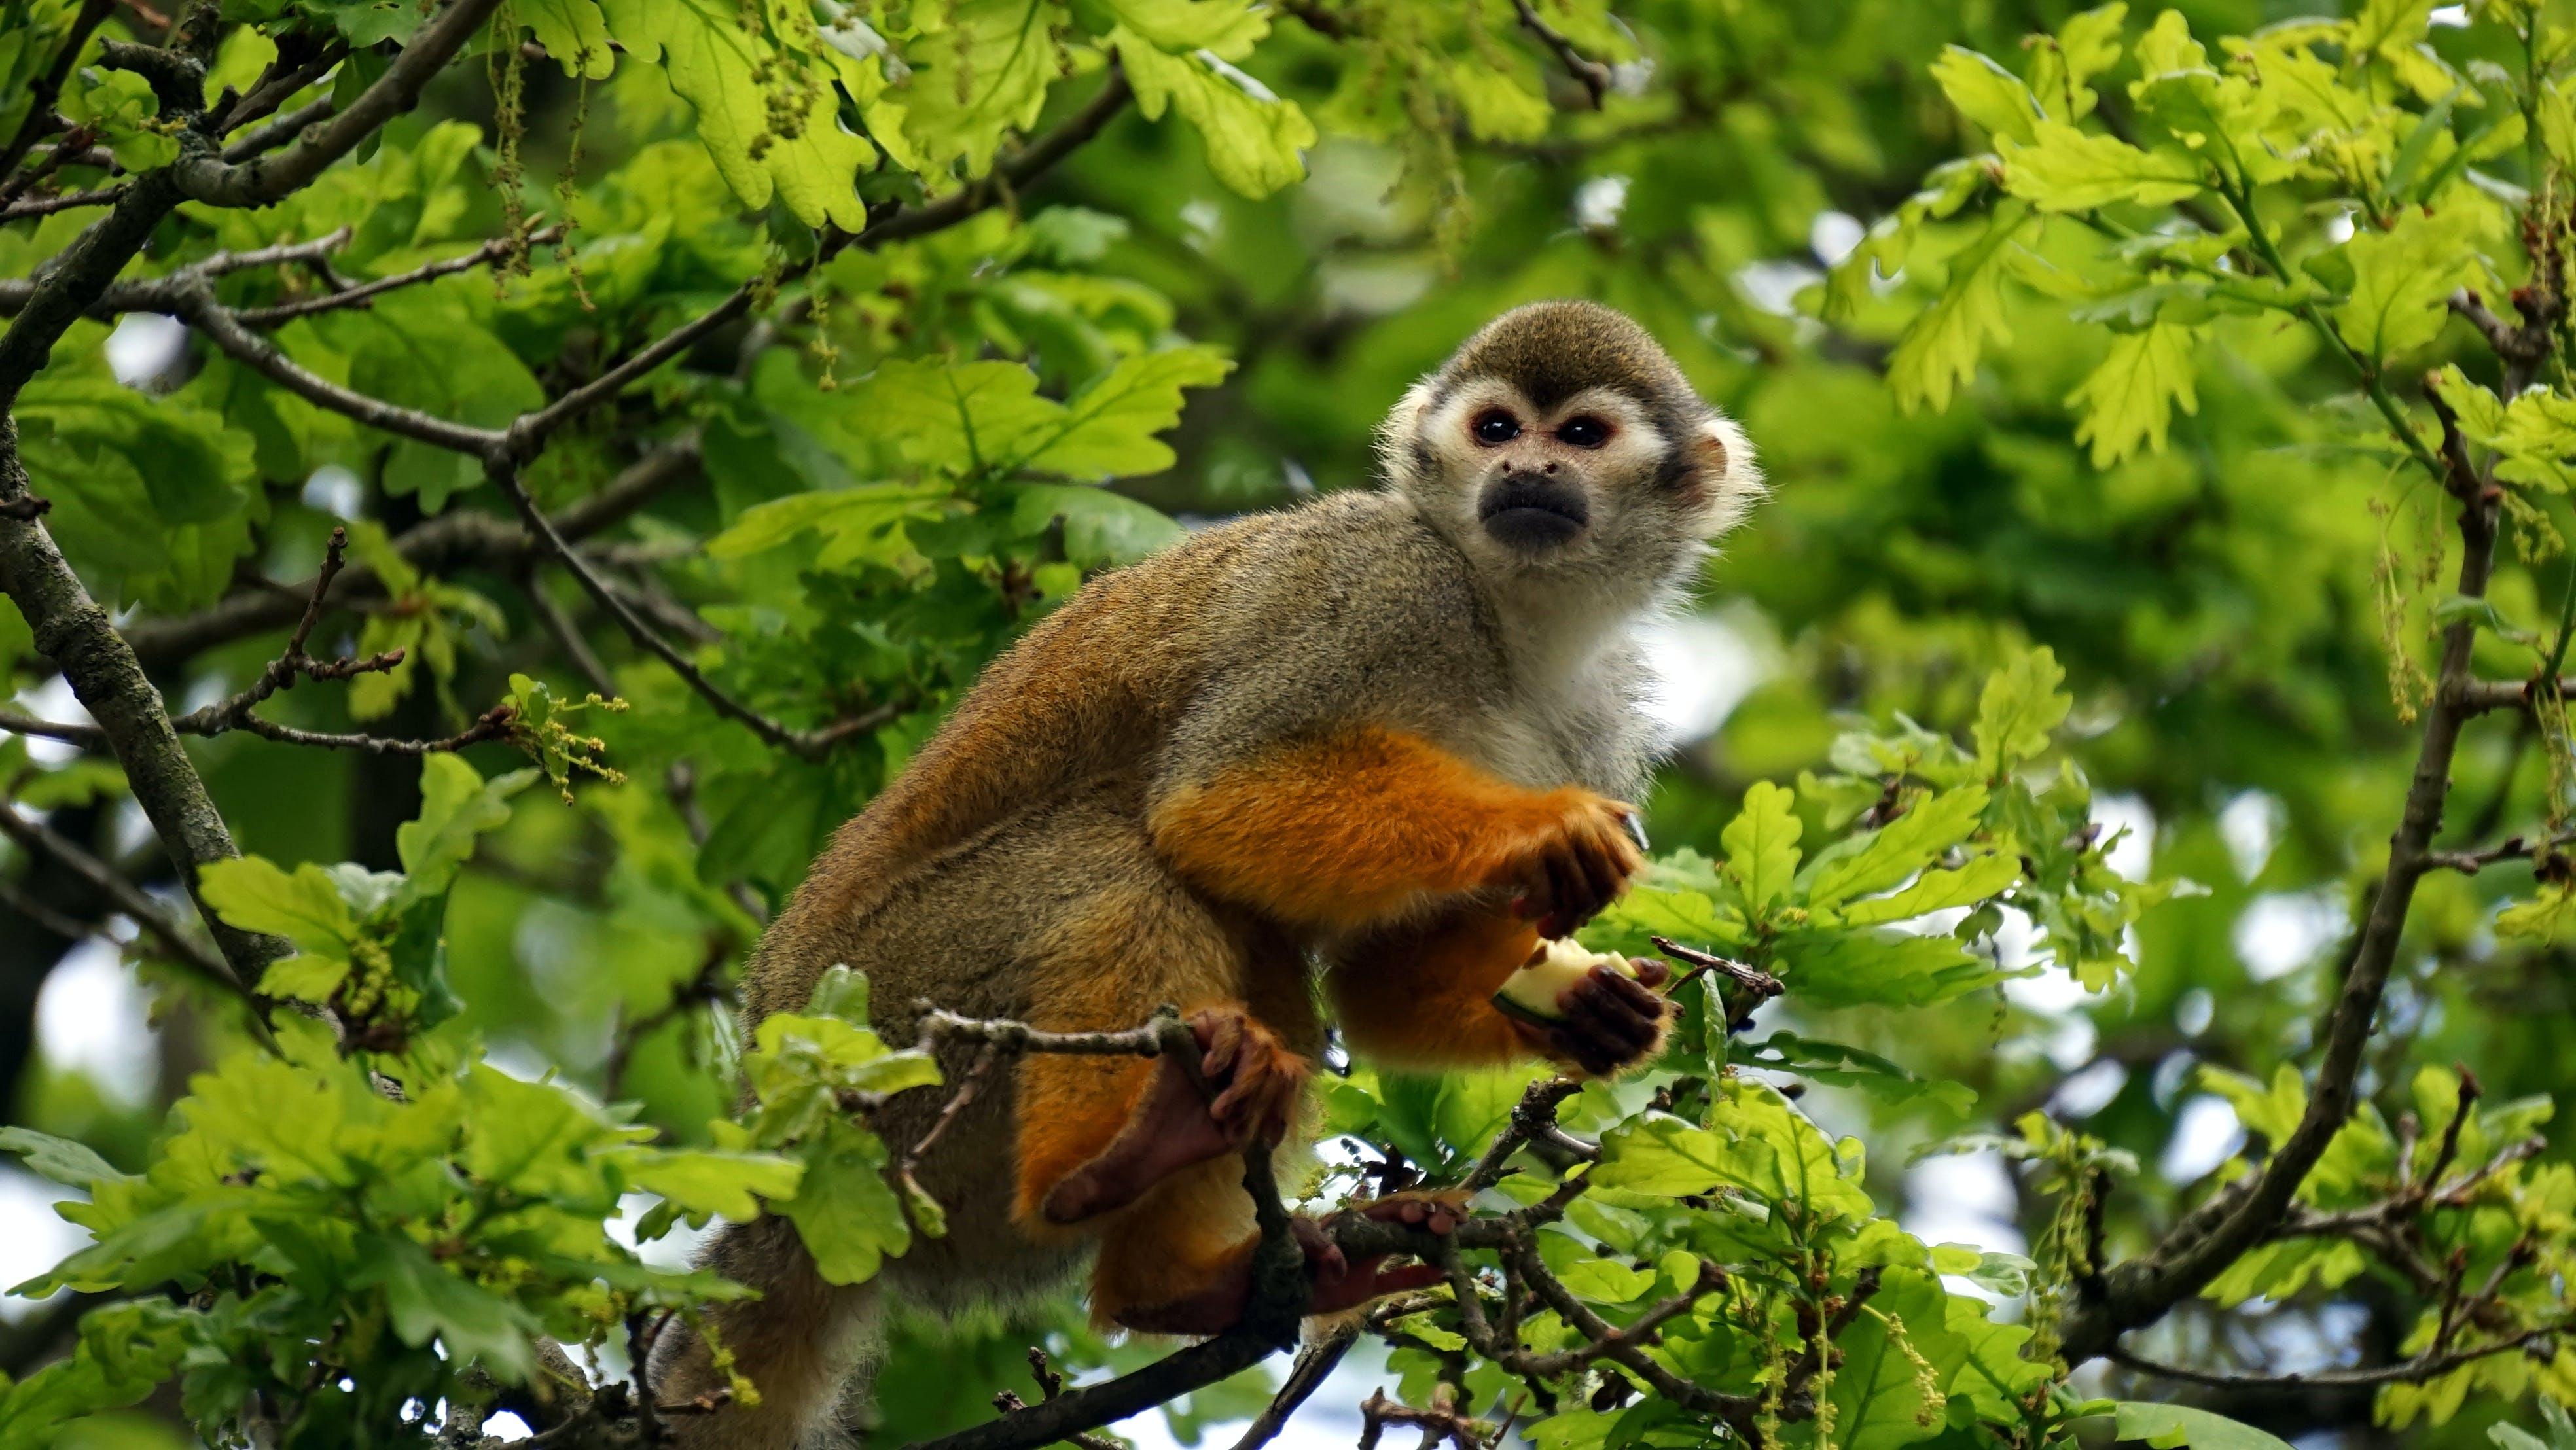 Gratis lagerfoto af dyr, egern abe, primat, træ